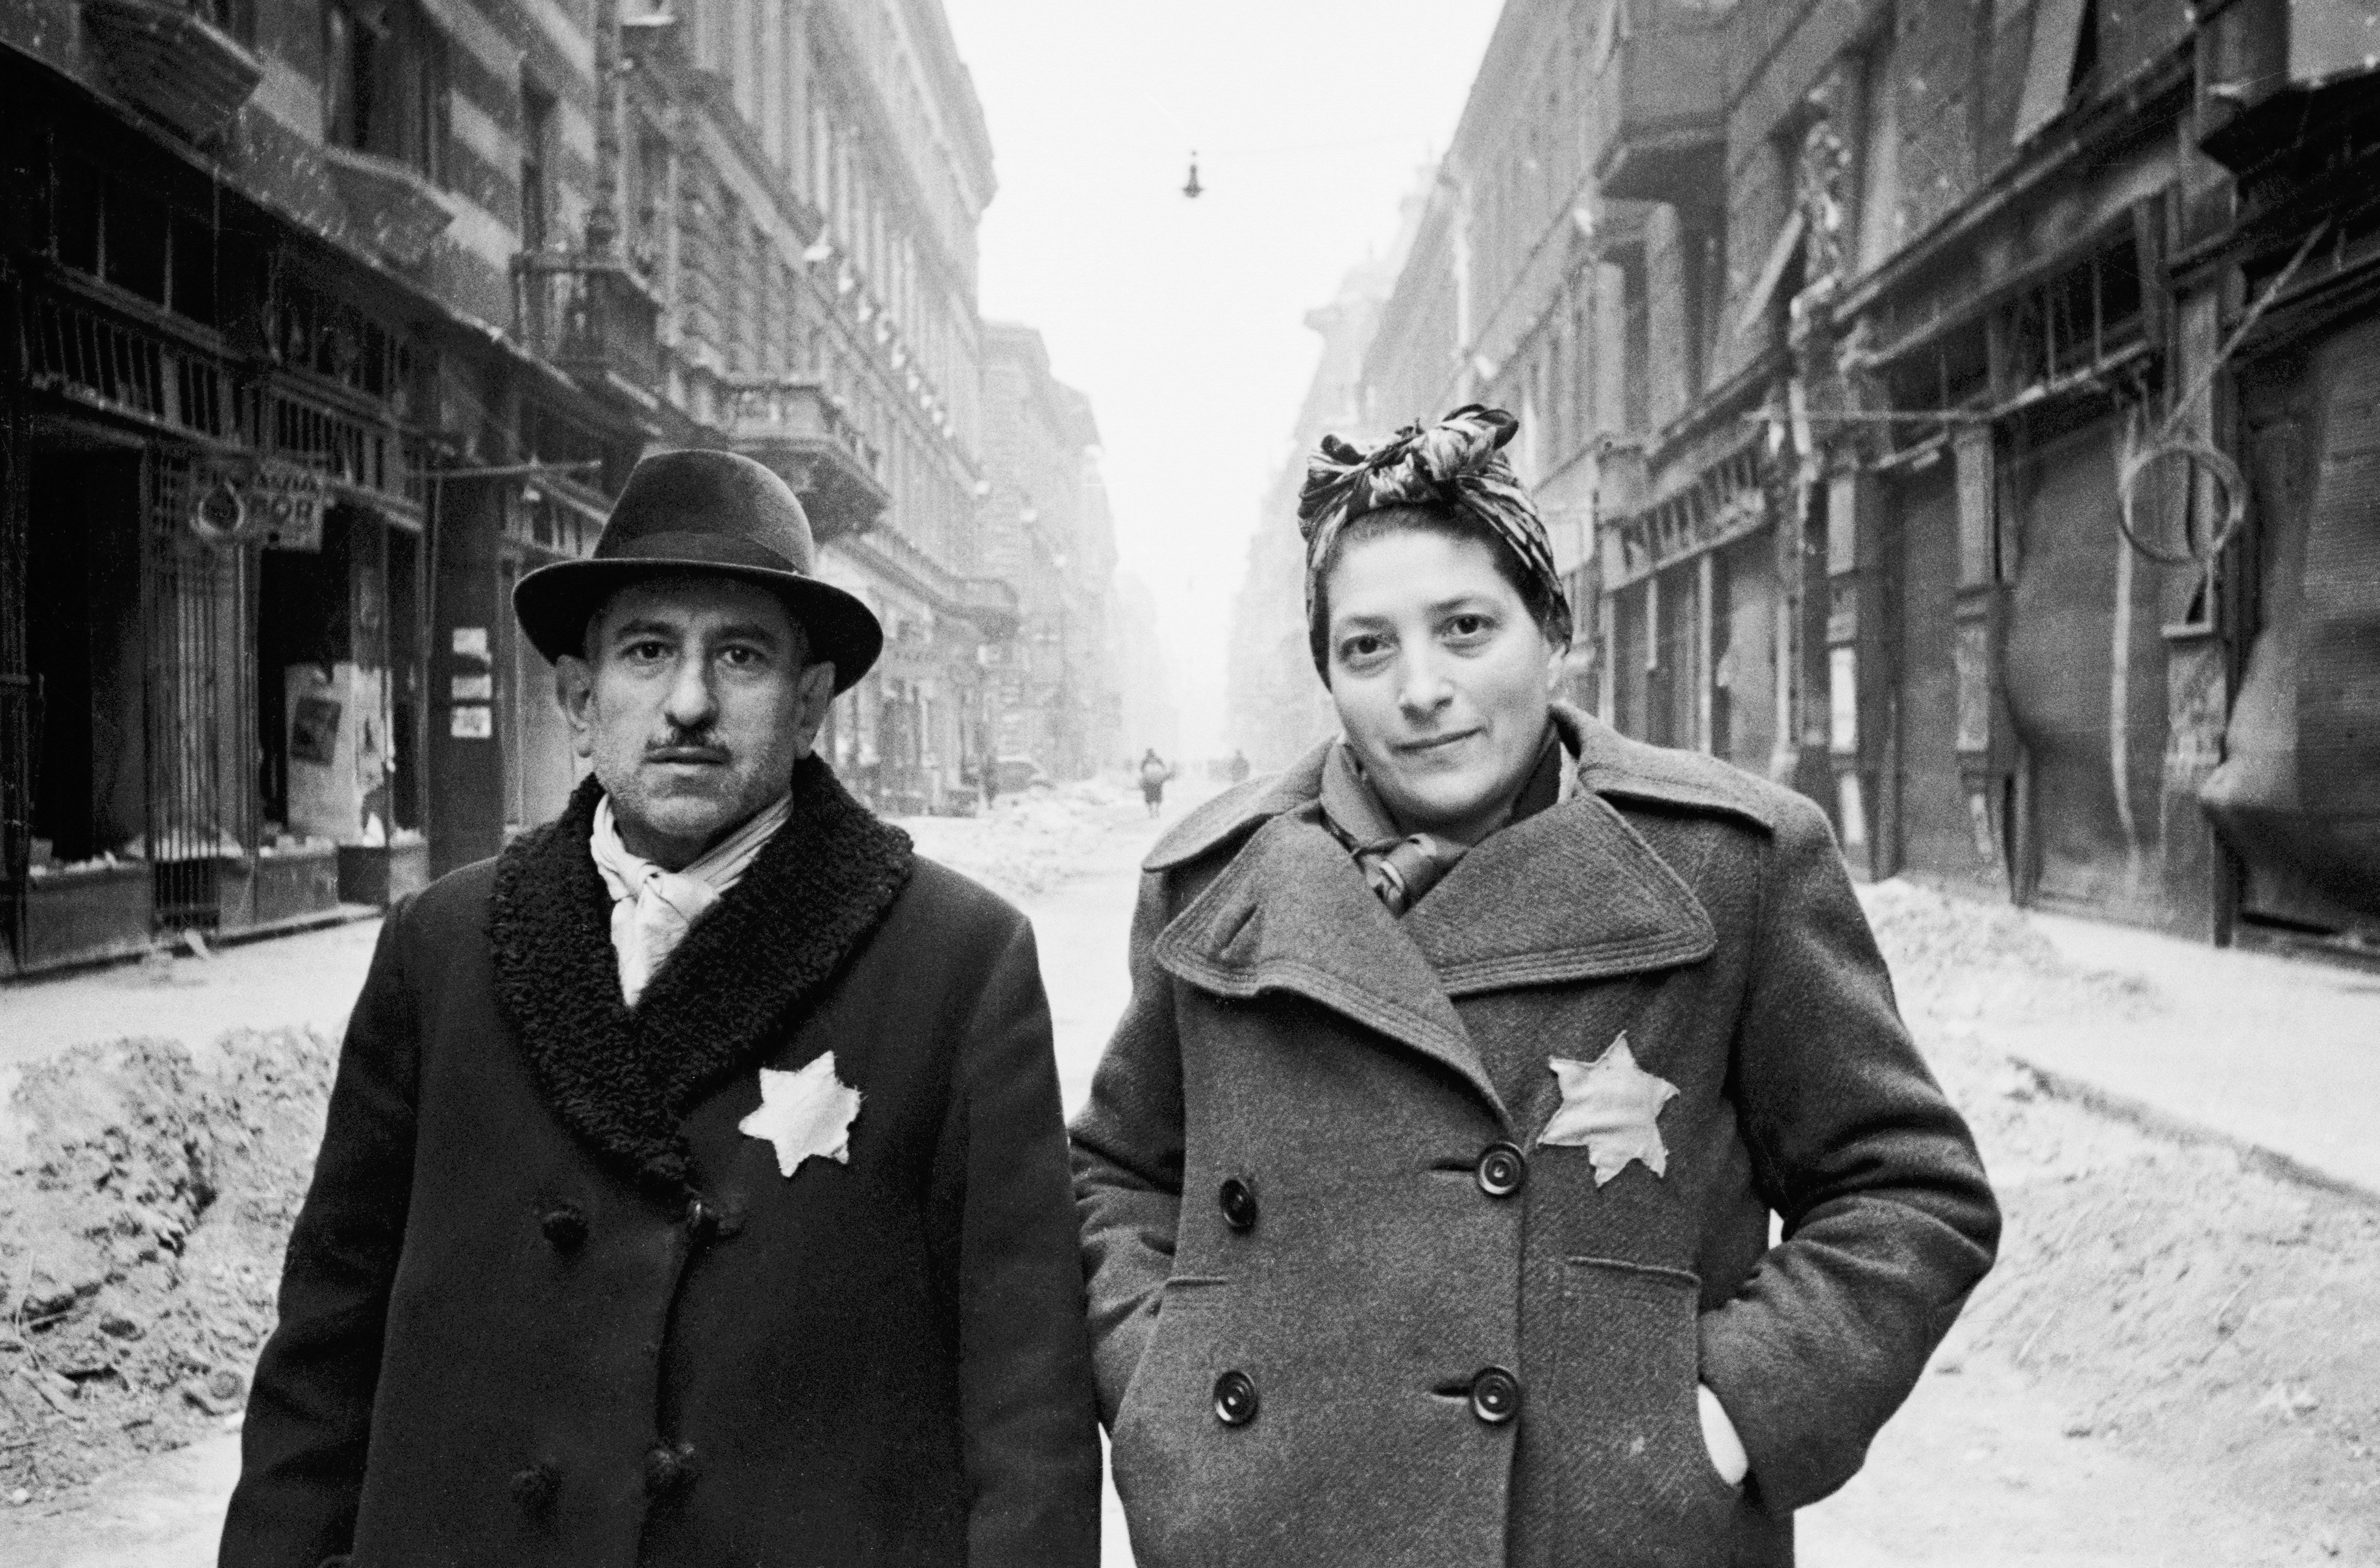 Hungarian Jews wearing yellow stars